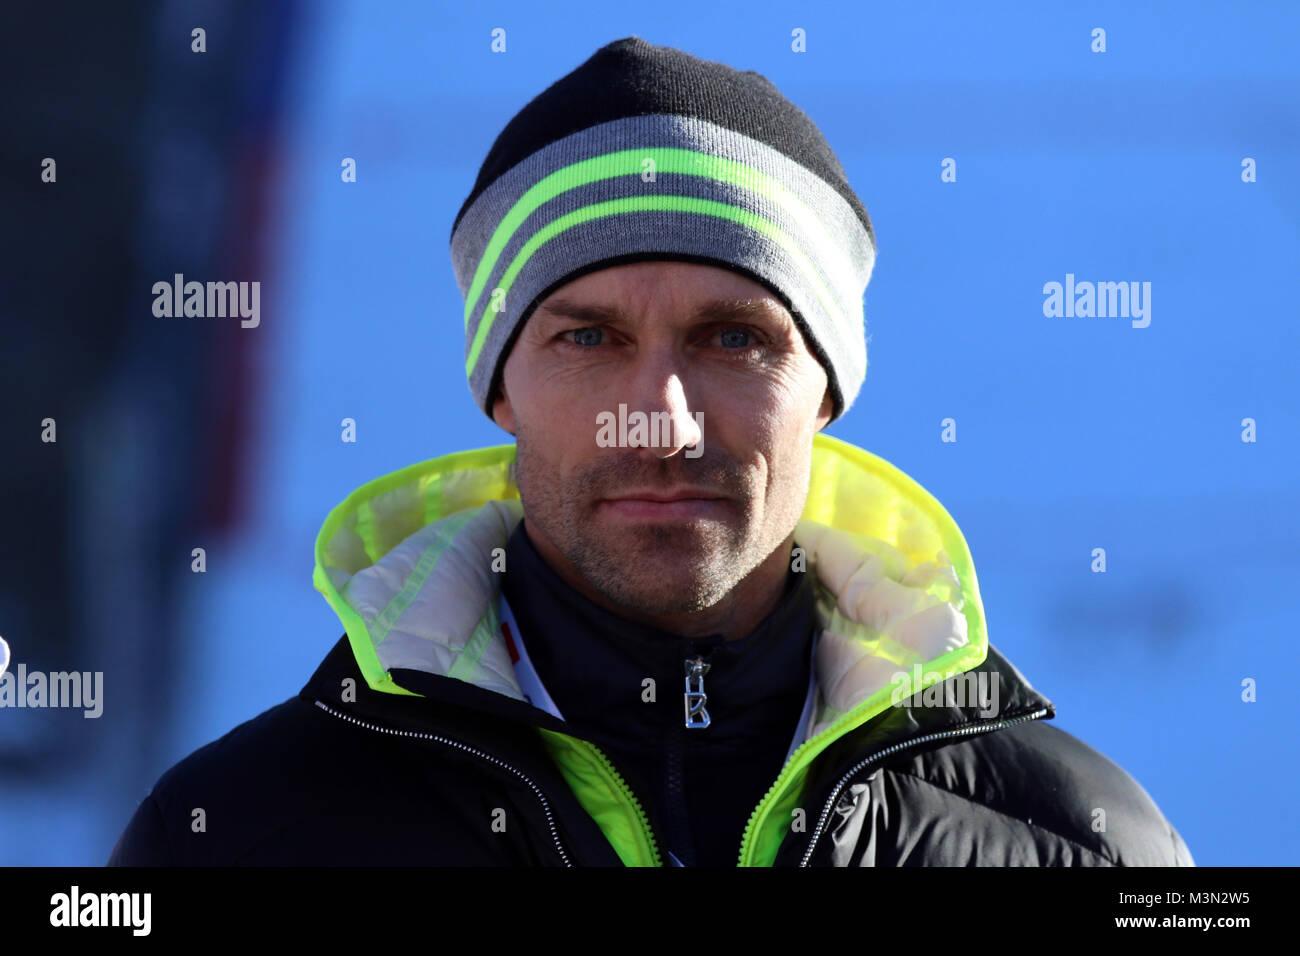 Sven Hannawald (Ex-Skispringer, TV Experte, Eurosport, Skisprung-Experte, Vierfach-Tourneesieger, 2002) beim  Neujahrsskispringen Stock Photo